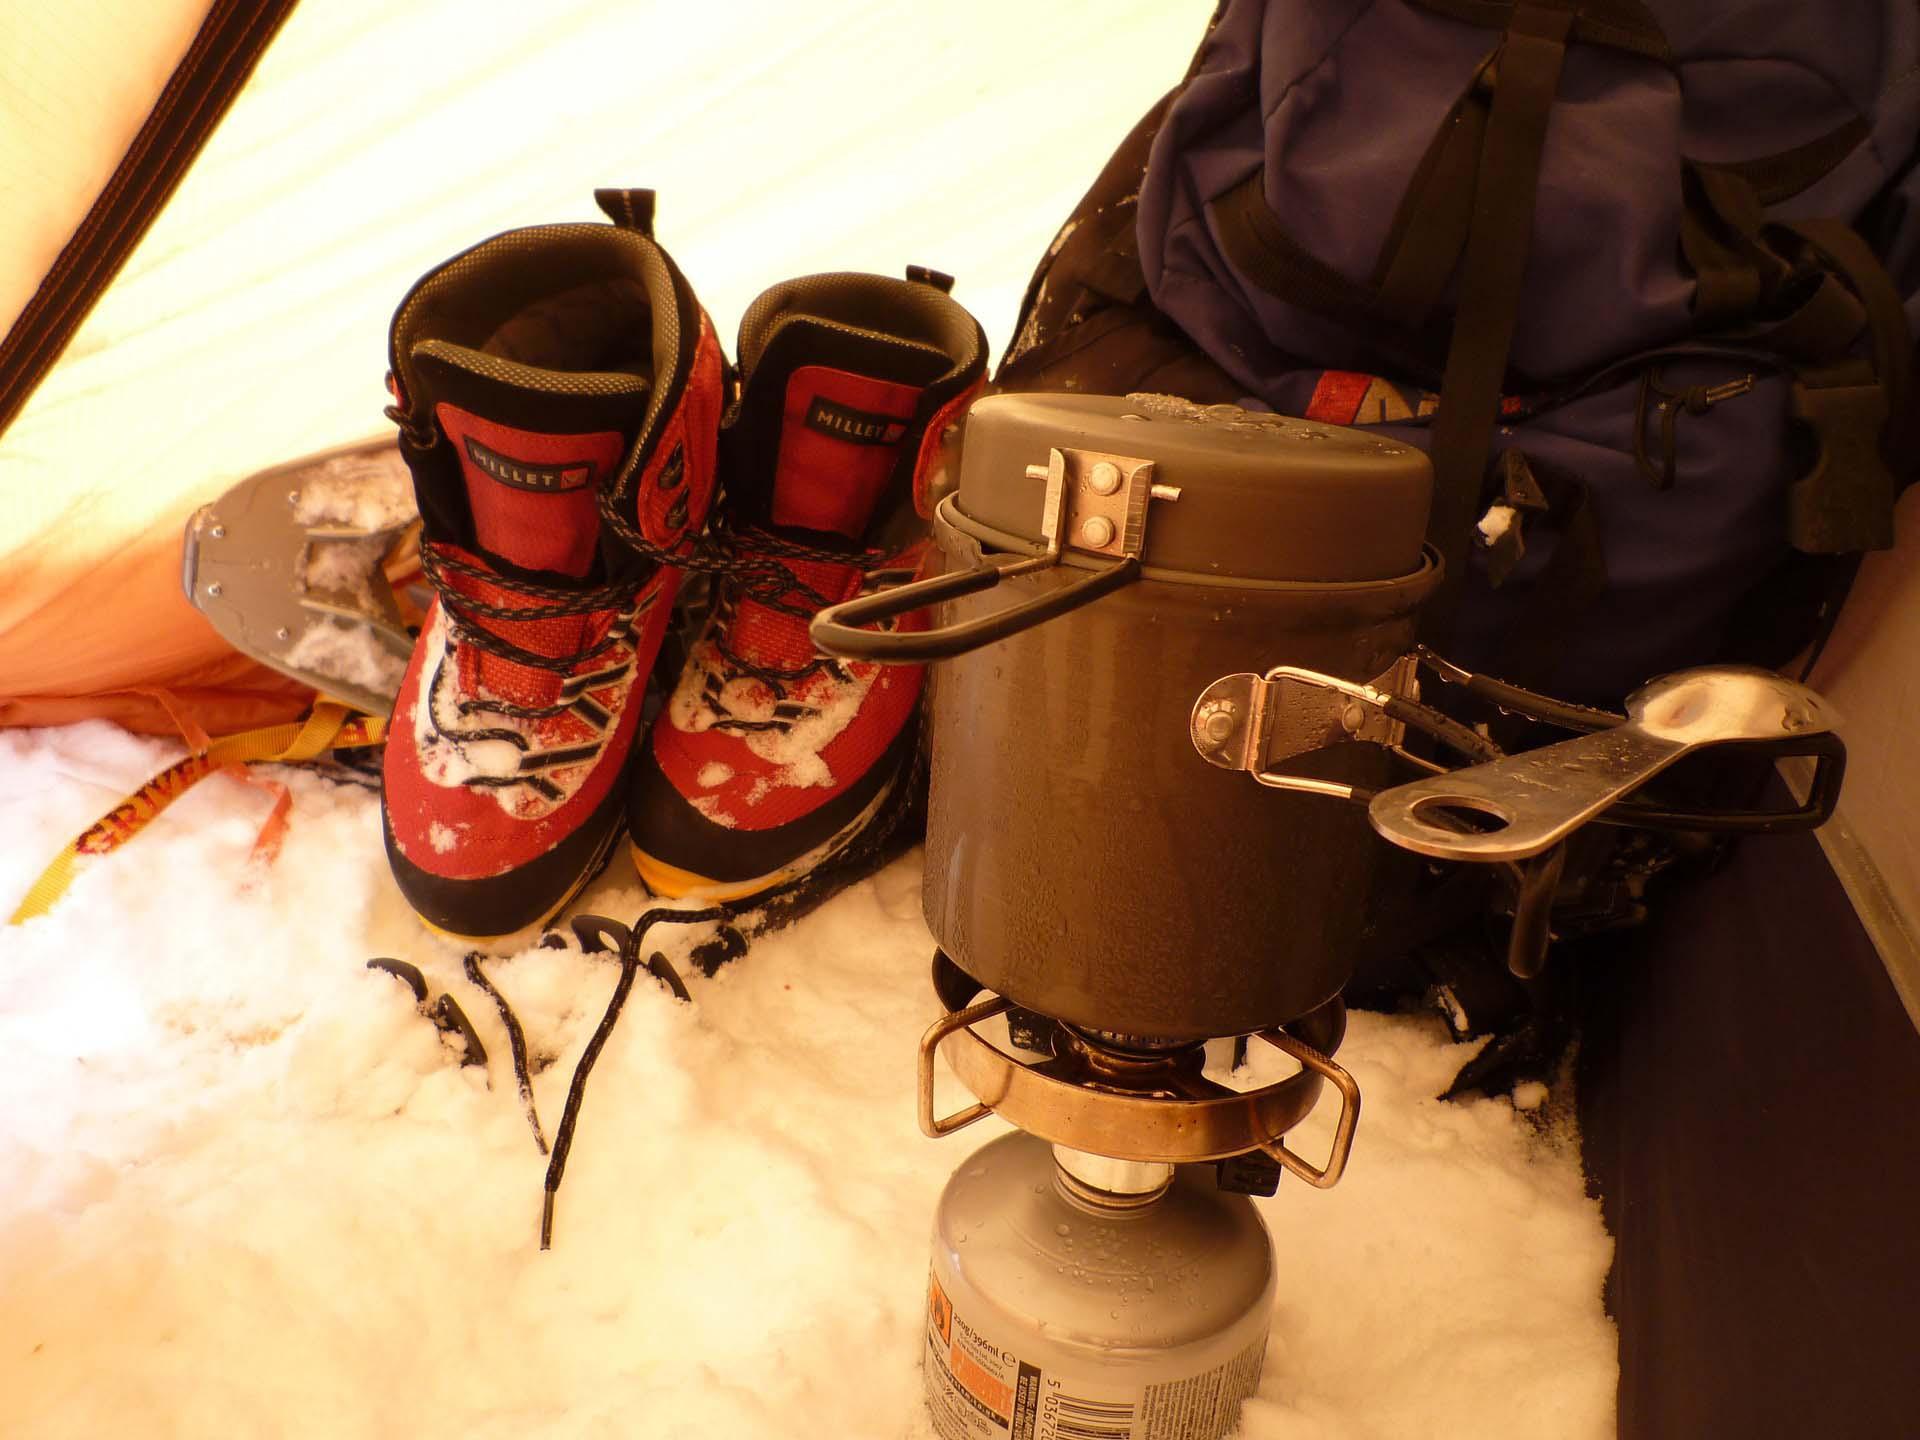 Wintercamping Ausrüstung - wasserdichte Schuhe und Kocher